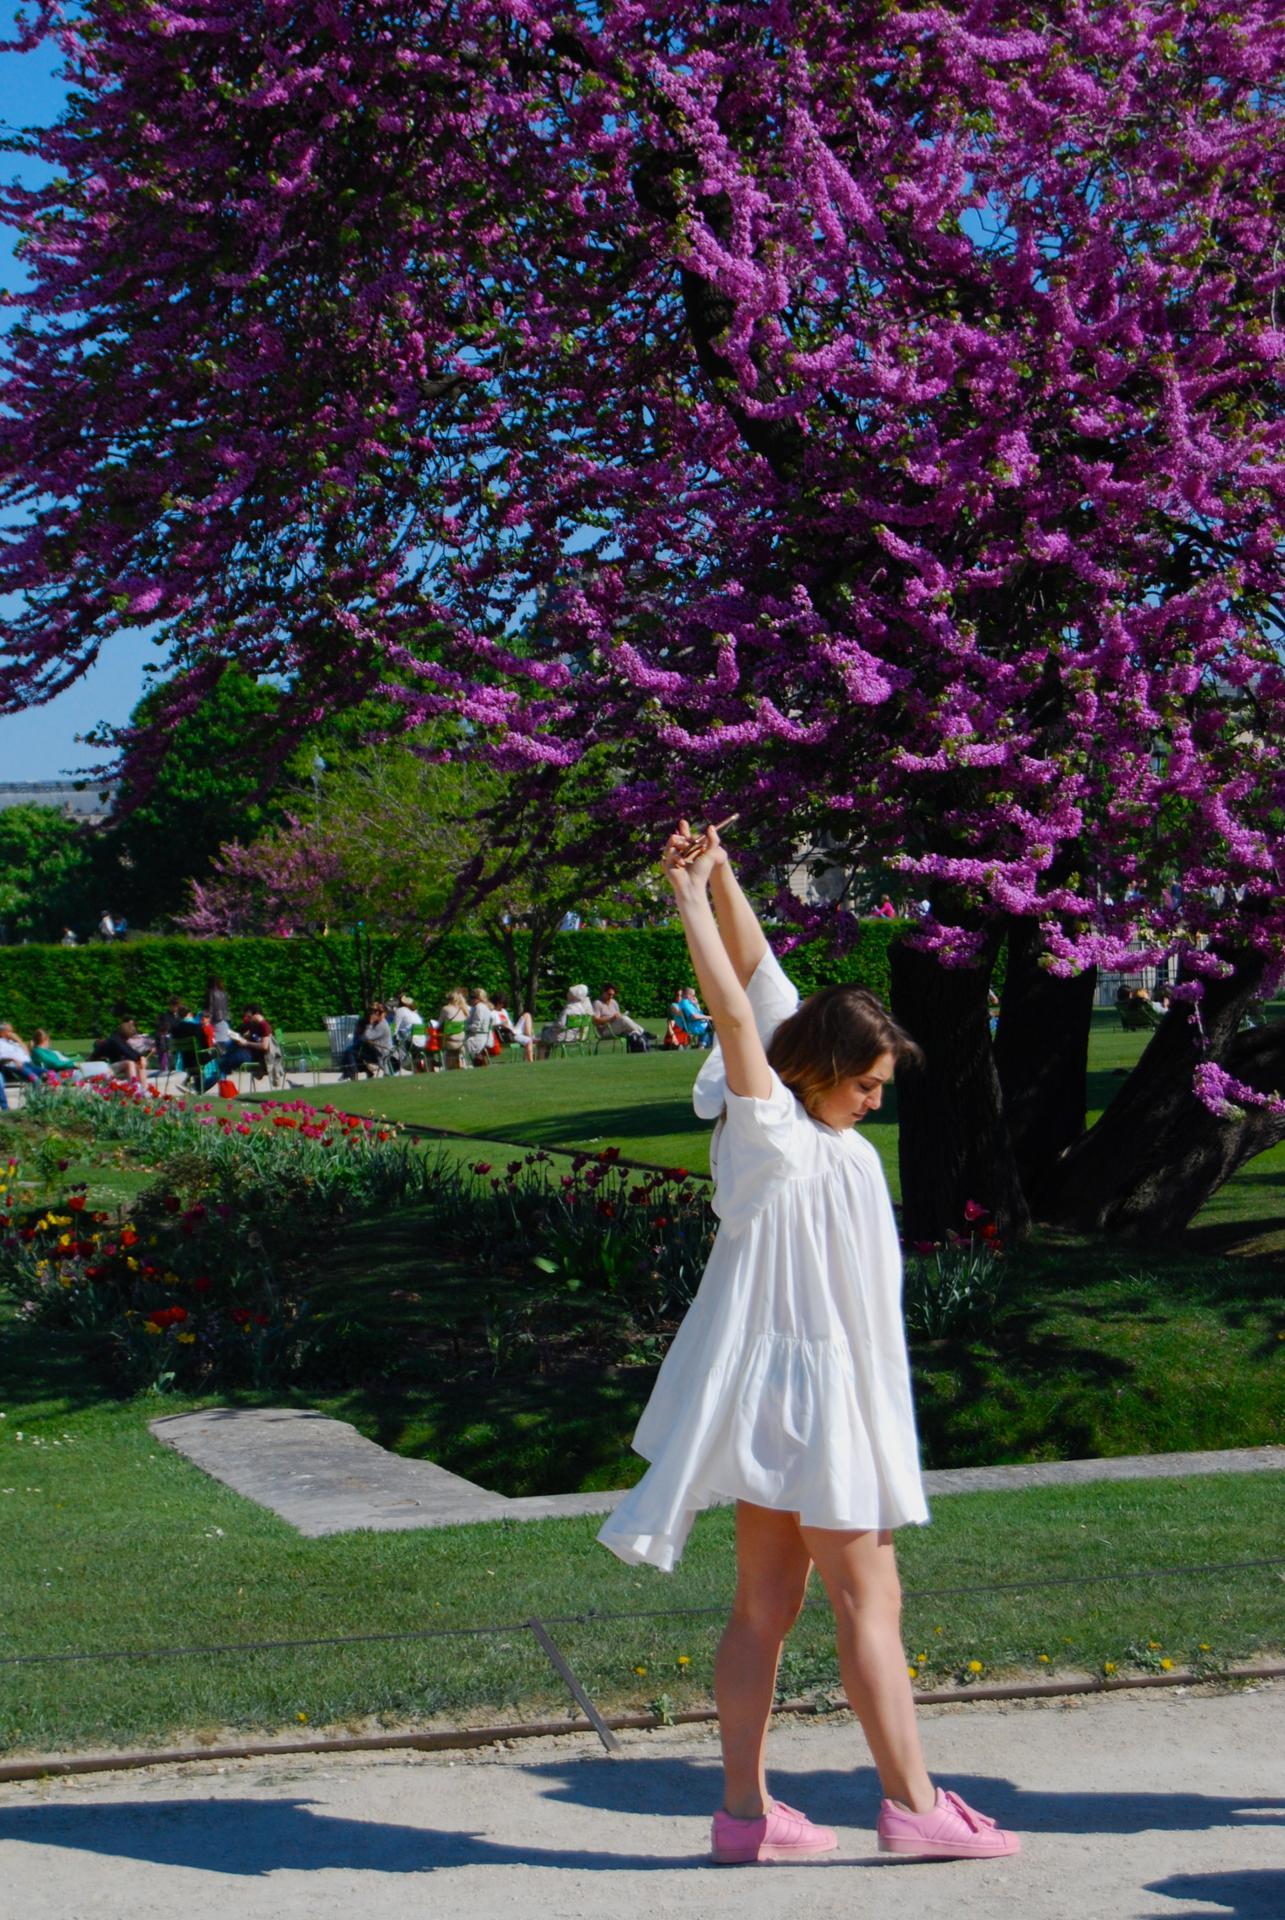 La danseuse des Tuileries 2